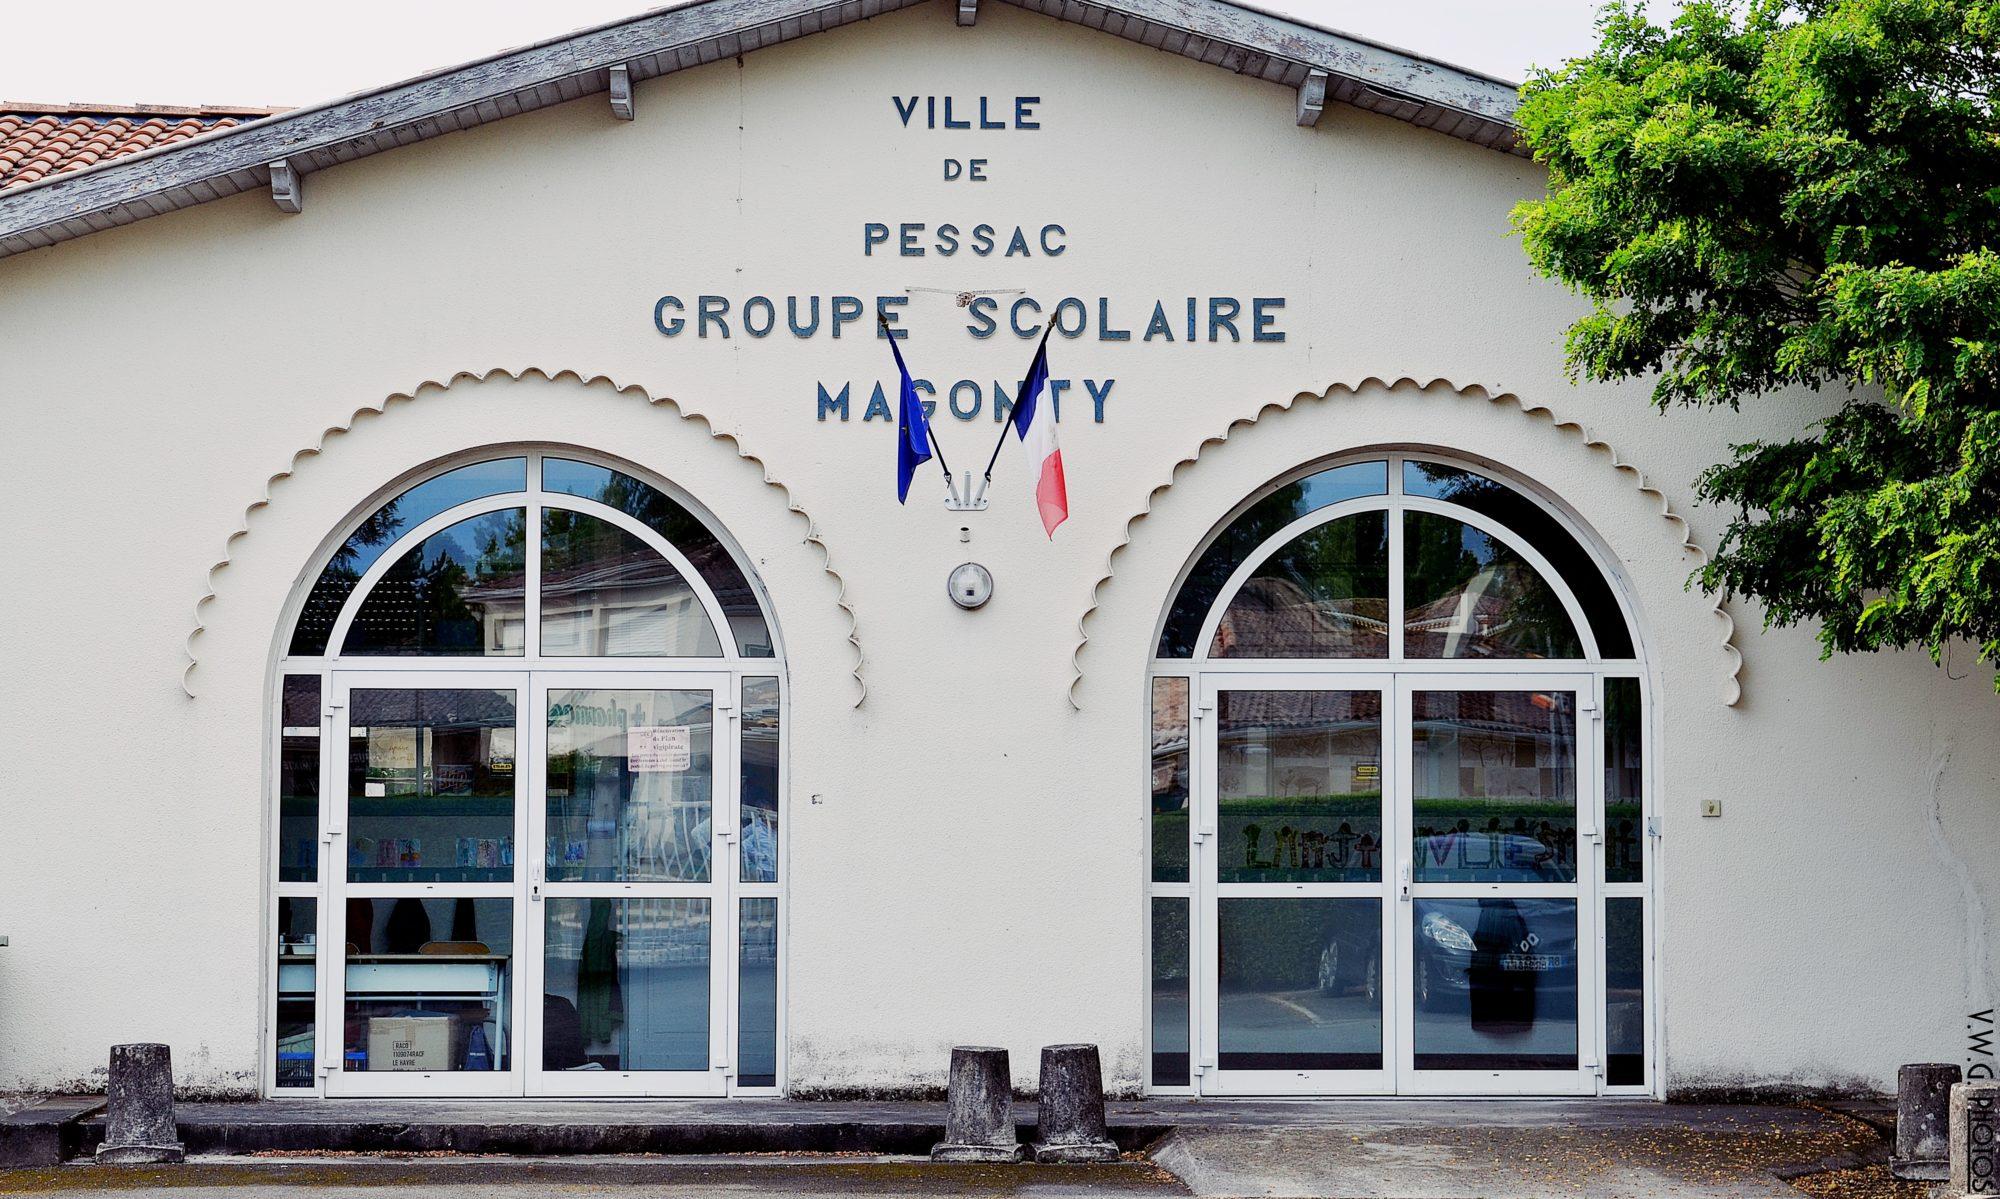 Comité de Quartier Magonty